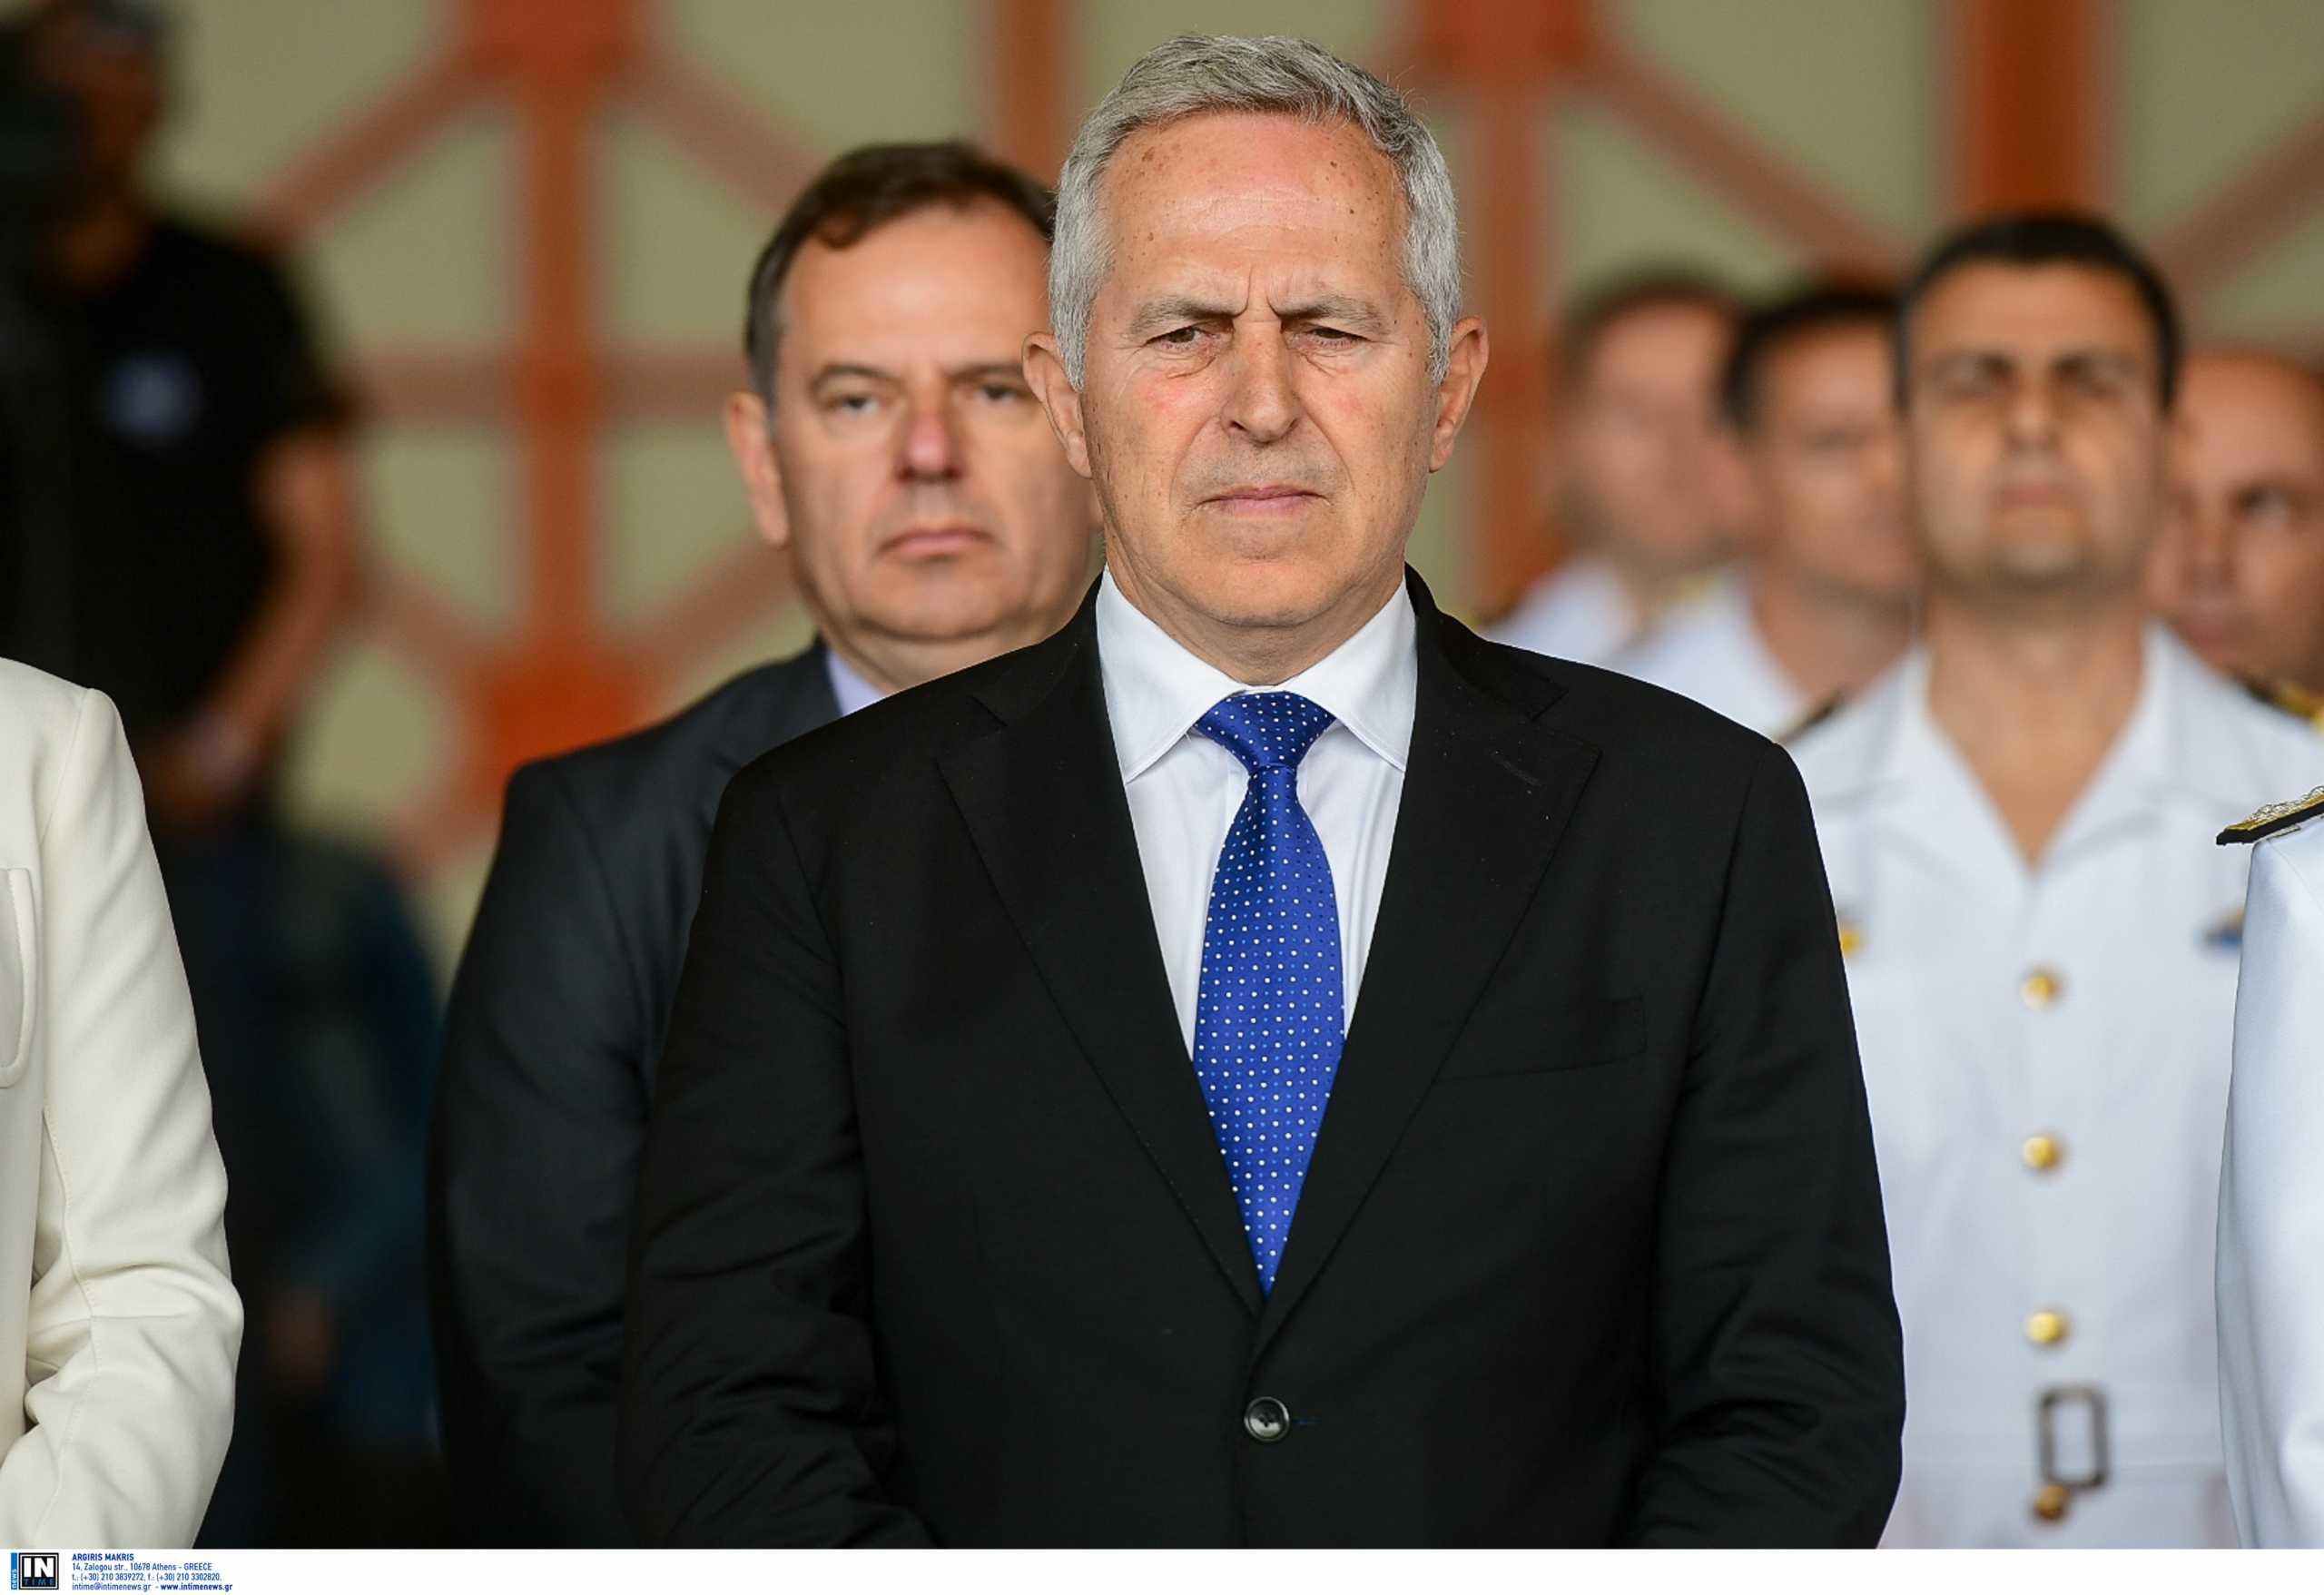 Μαξίμου για Ευάγγελο Αποστολάκη: Δείλιασε μπροστά στις απειλές του ΣΥΡΙΖΑ – Ενημέρωσε την Προεδρία ότι θα ορκιστεί κανονικά